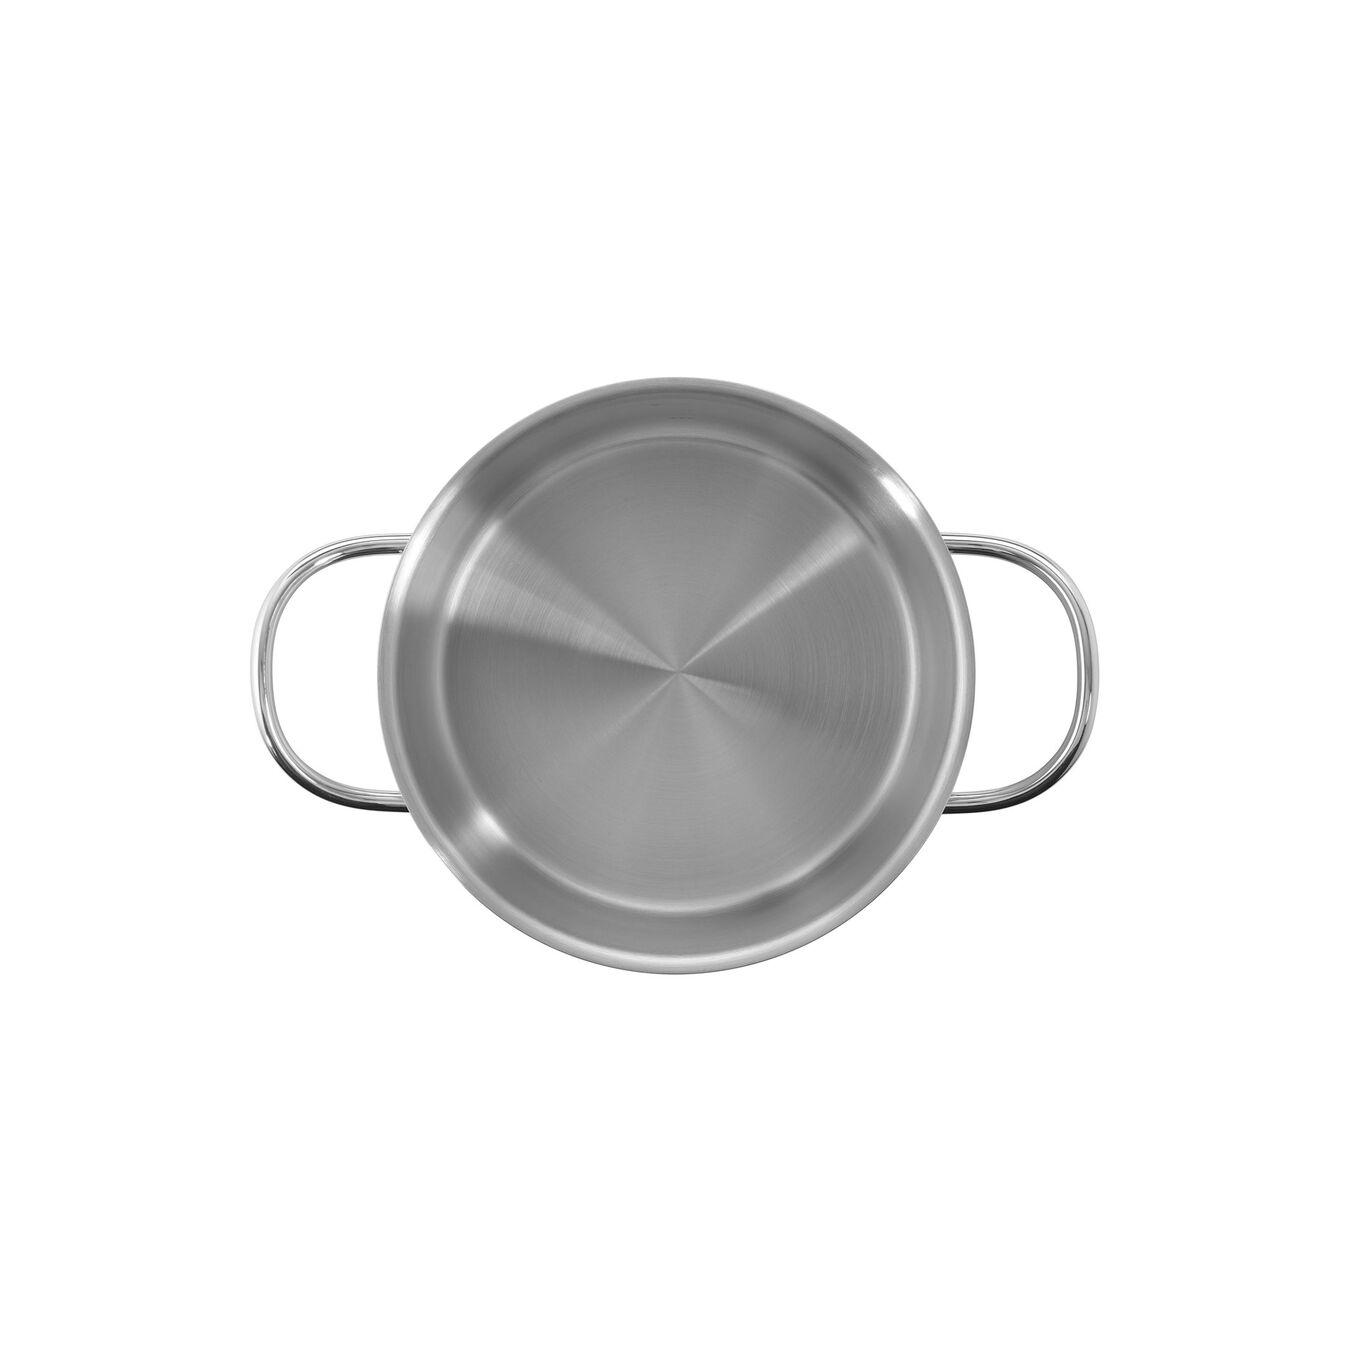 Pentola - 16 cm, 18/10 acciaio inossidabile,,large 7